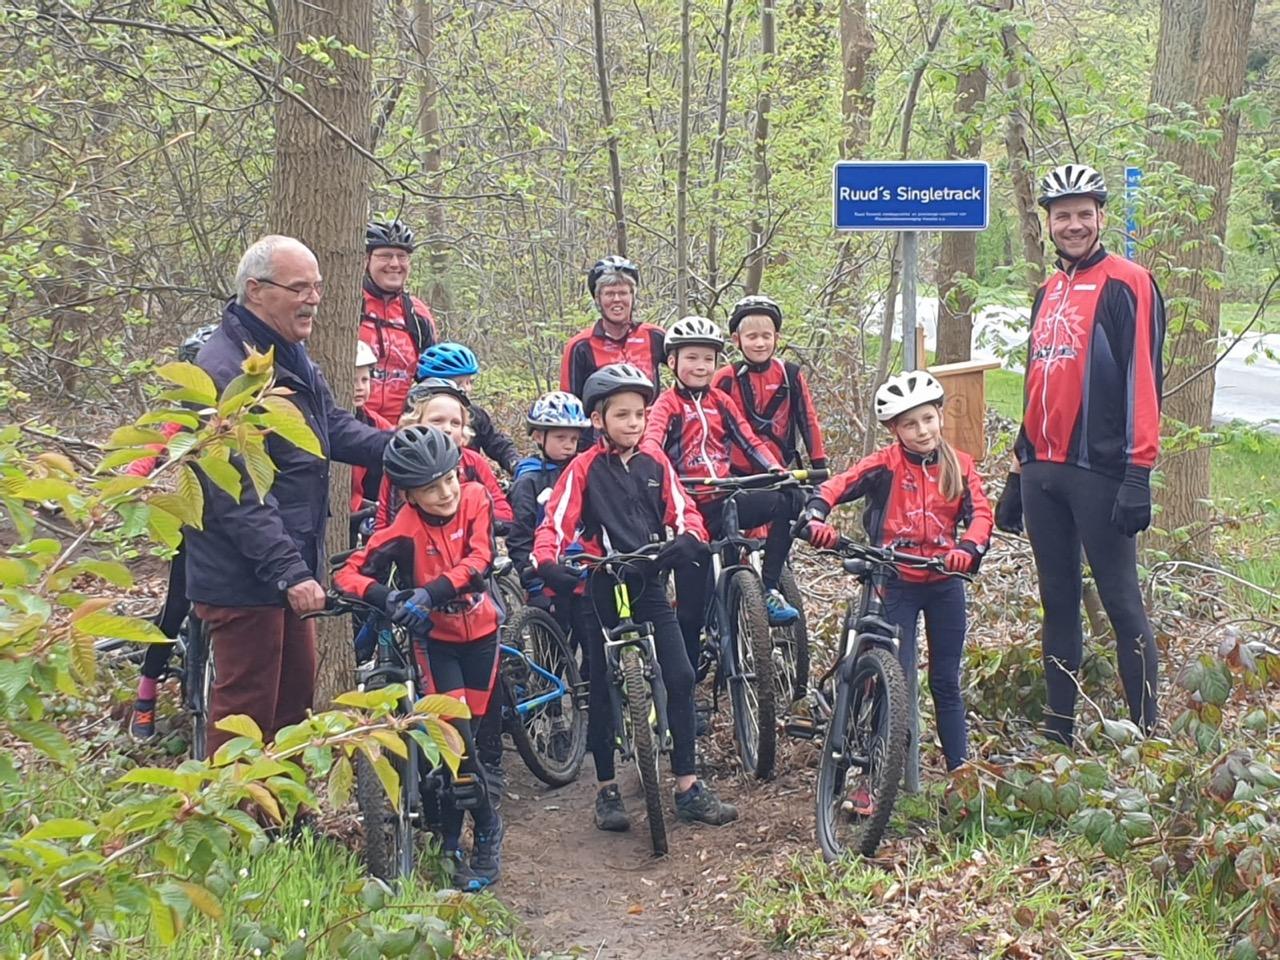 Ruud poseert samen met leden van de mountainbikevereniging bij zijn naambordje (Foto Maurice Smeenk)